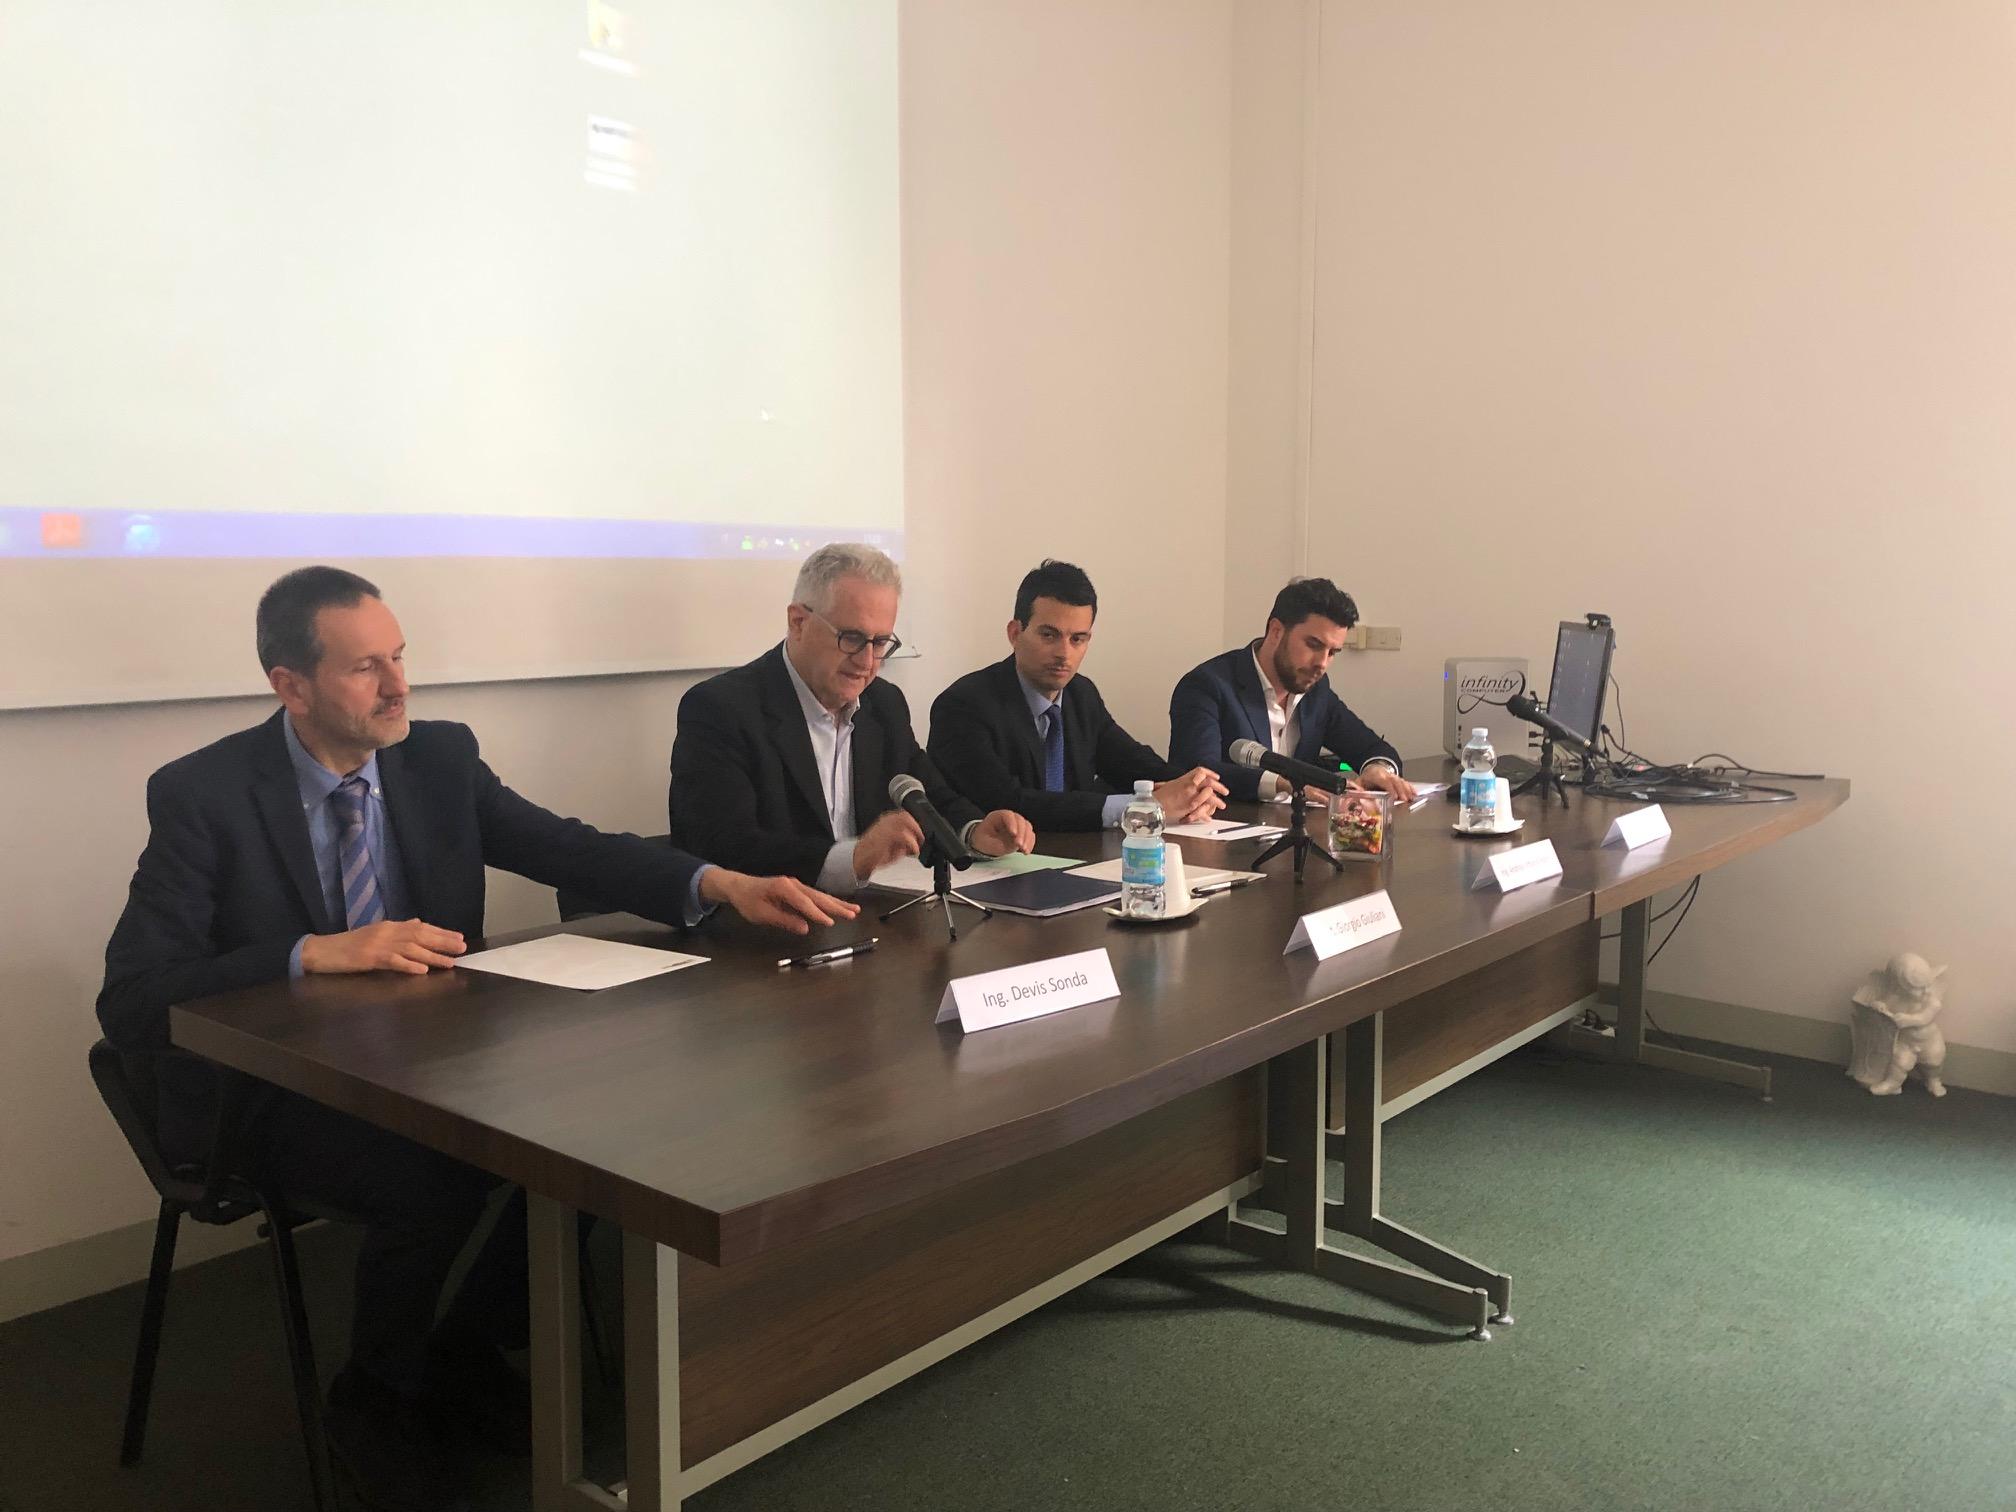 Devis Sonda, Giorgio Giuliani, Andrea Pollini, Michele Bolognesi